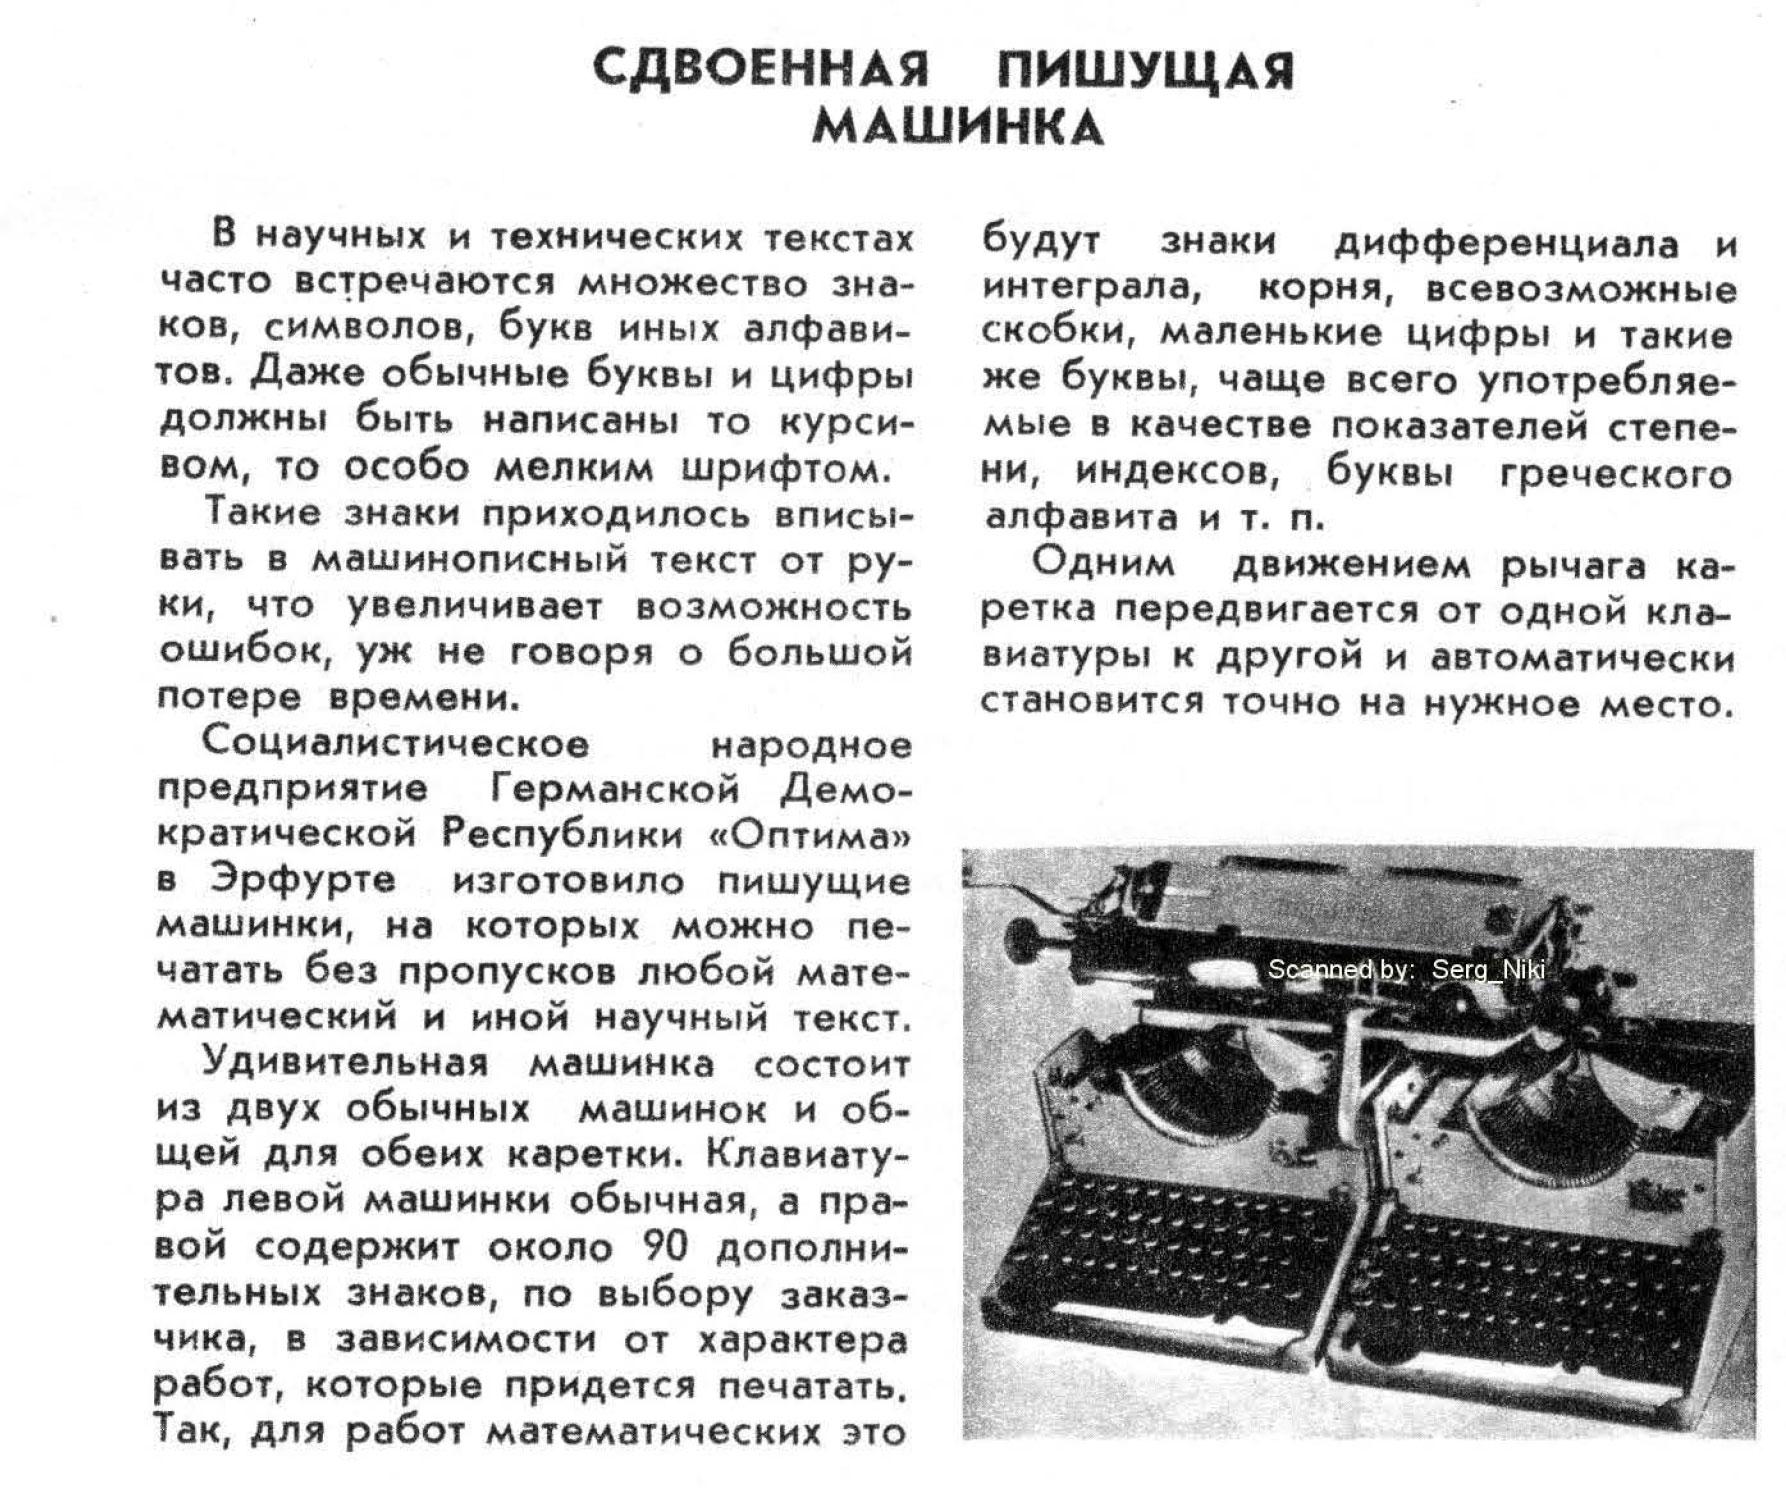 Договор На Услуги Копирайтера